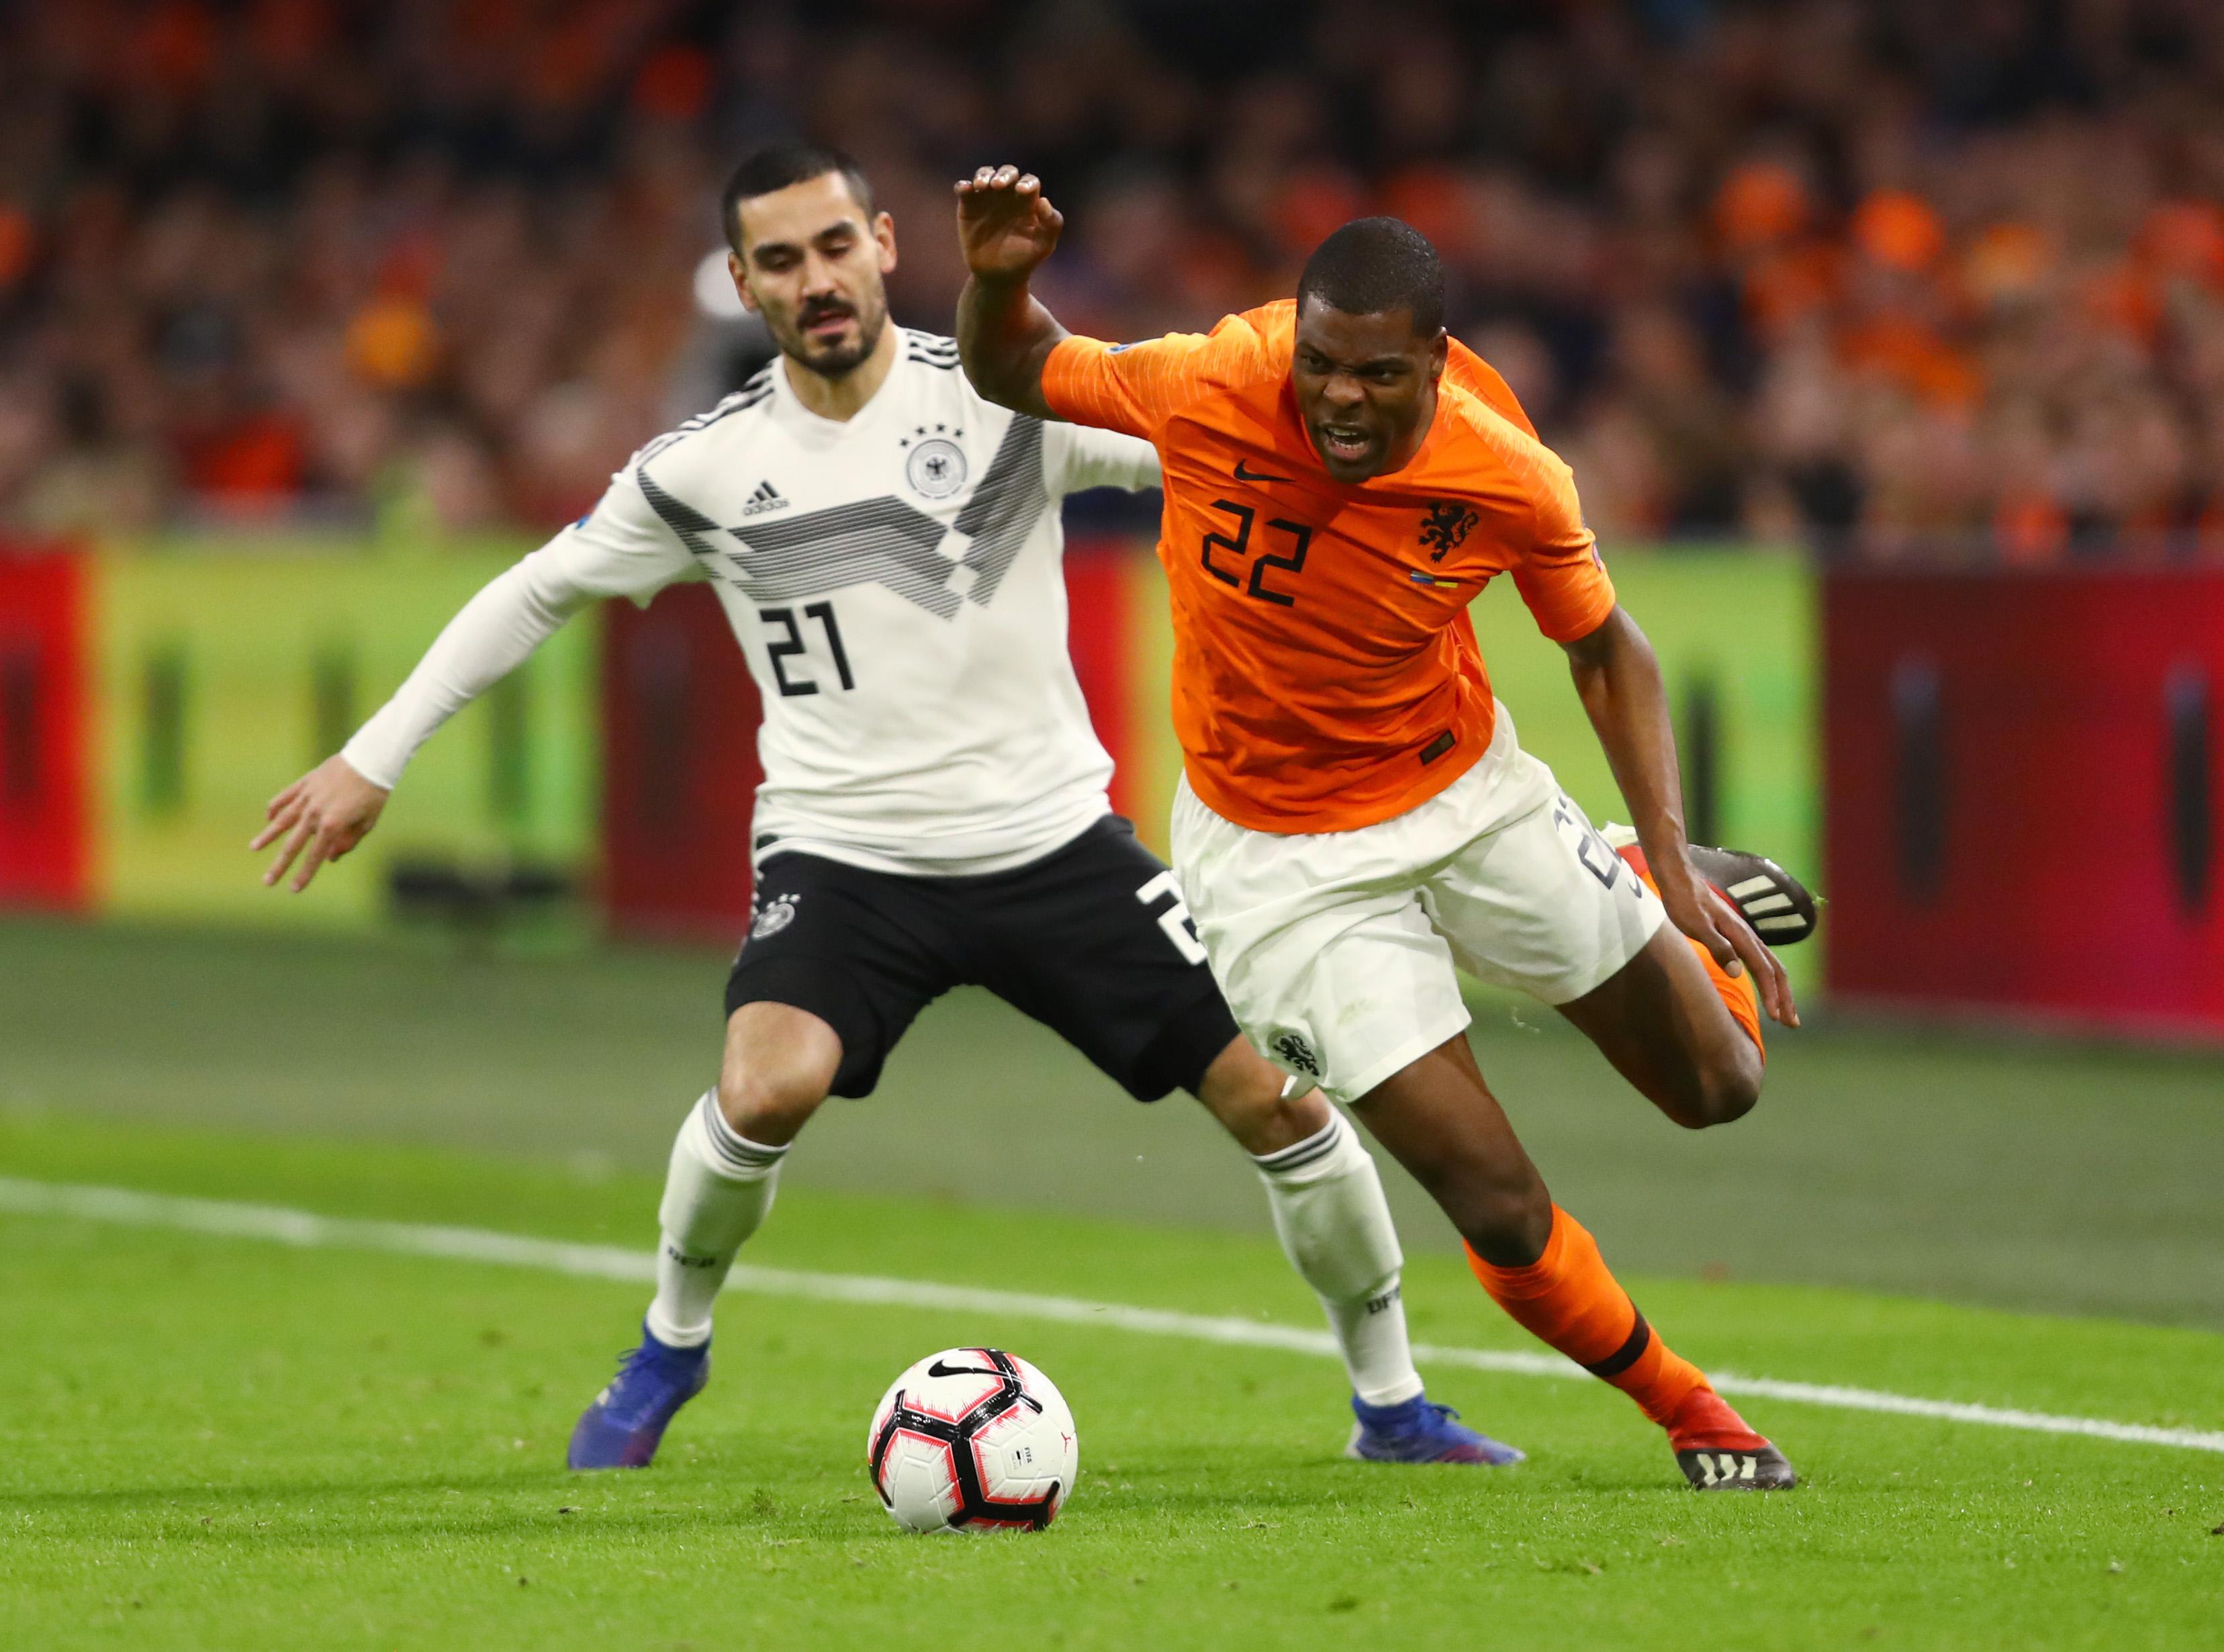 Fussball Heute Deutschland Niederlande Im Live Stream Und